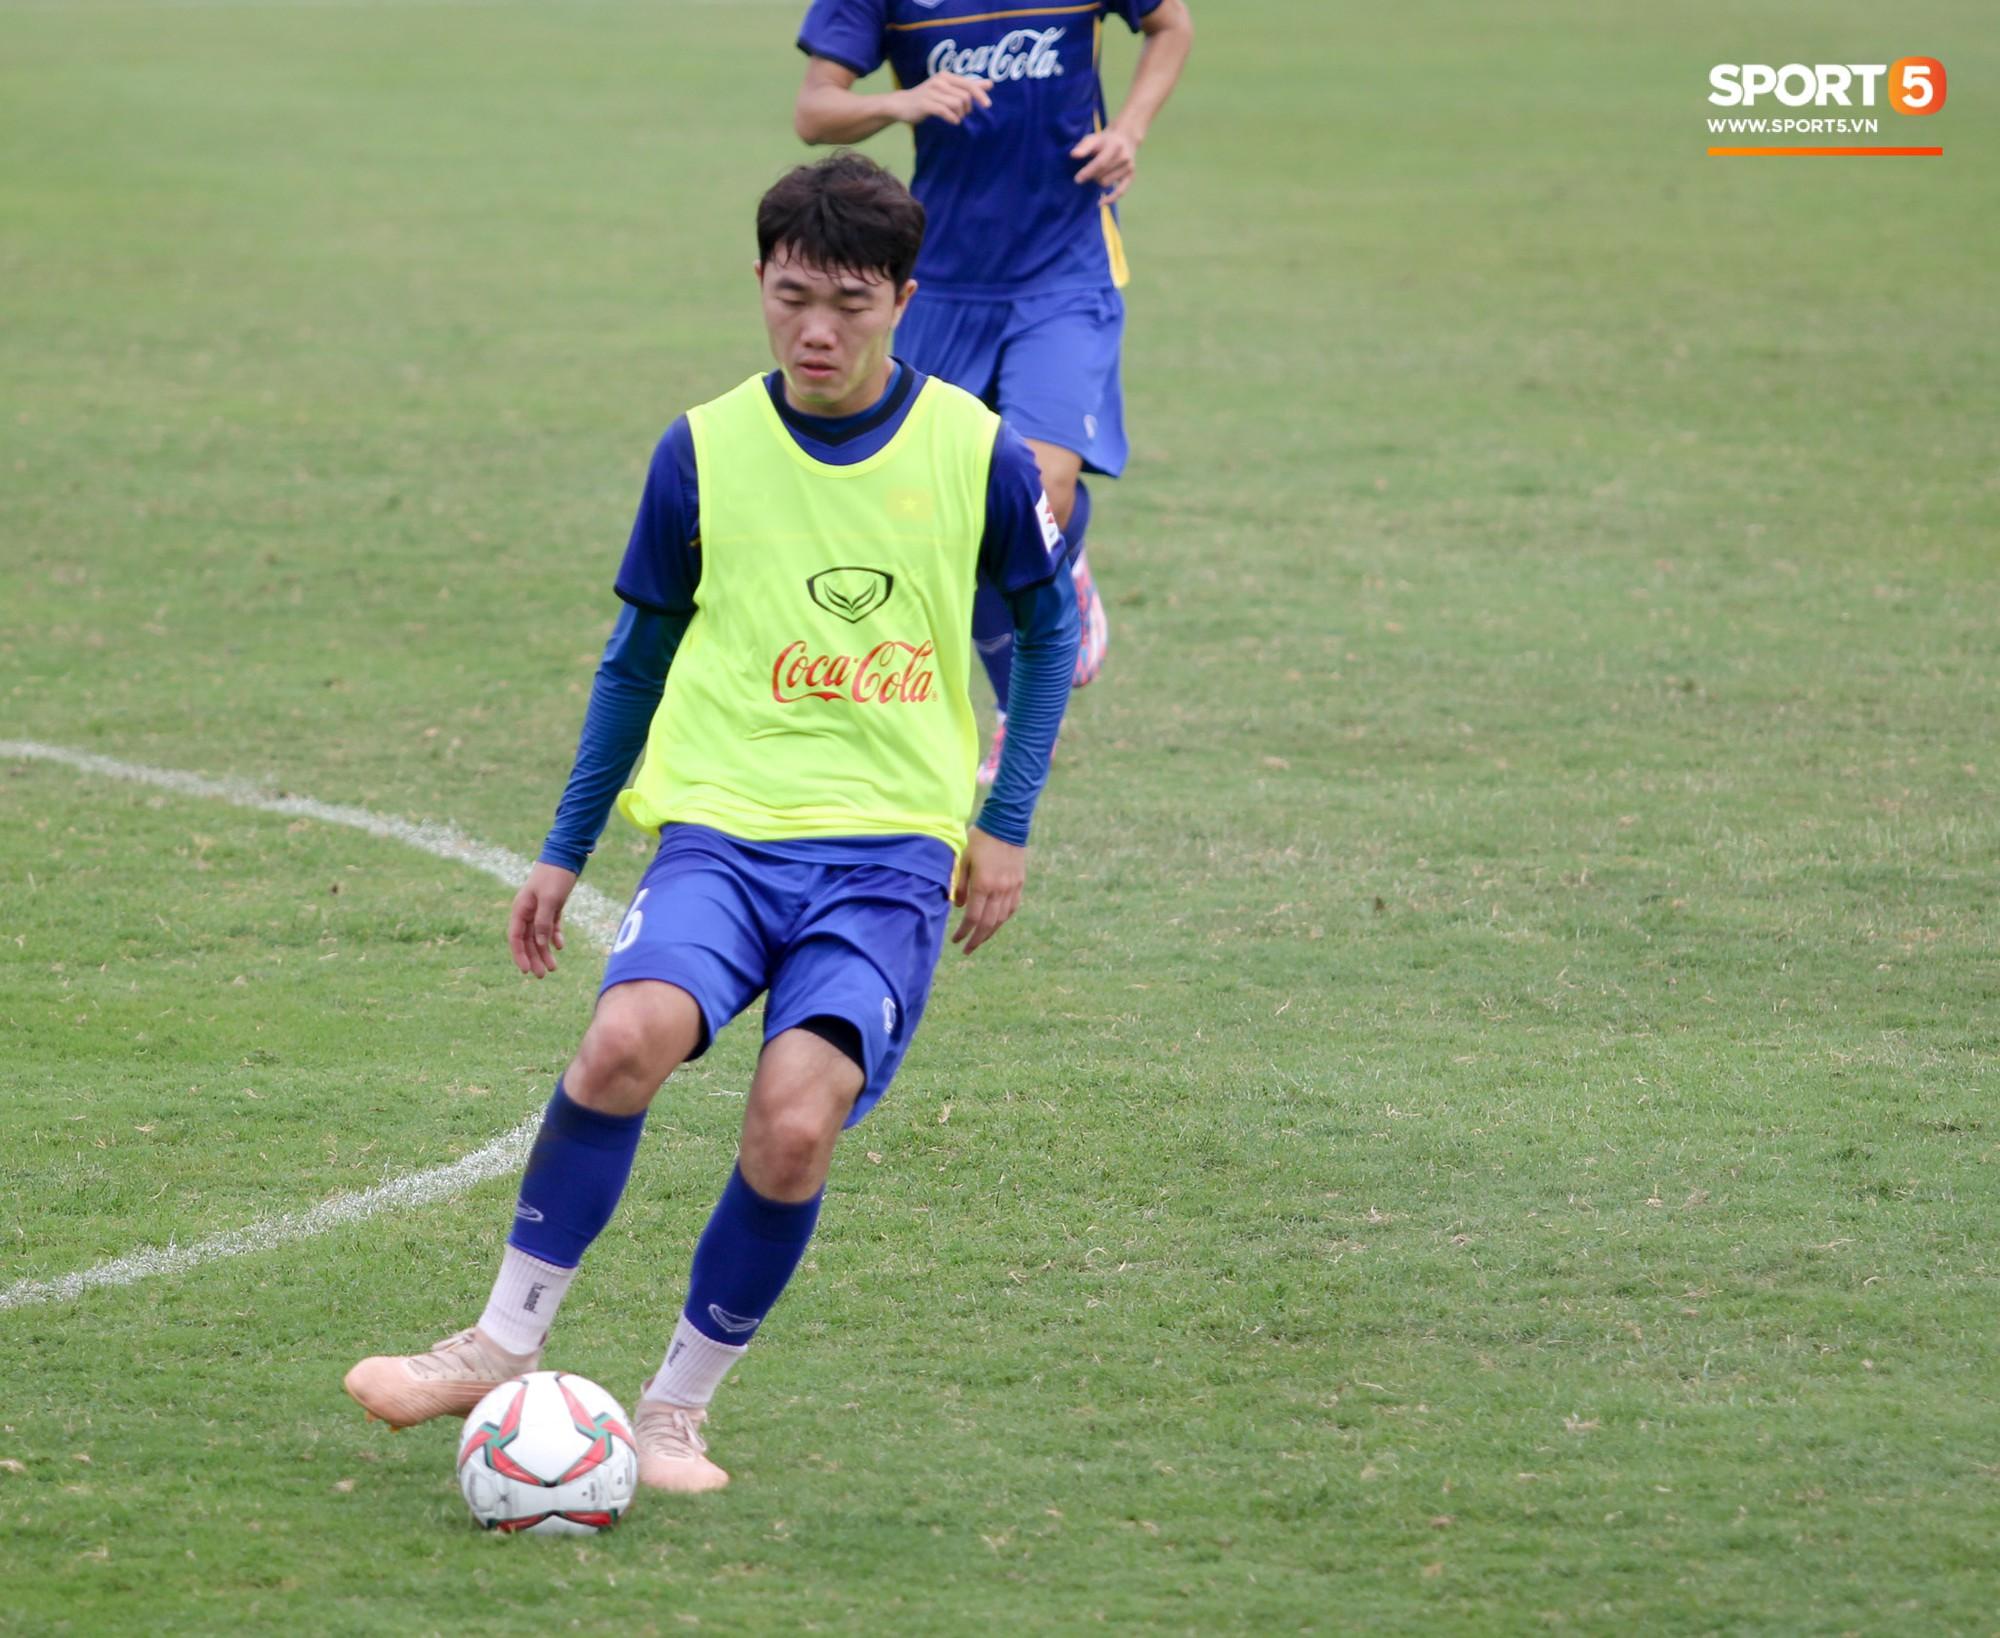 Xuân Trường nỗ lực không ngừng trong buổi tập đầu tiên hướng tới Asian Cup 2019 - Ảnh 10.